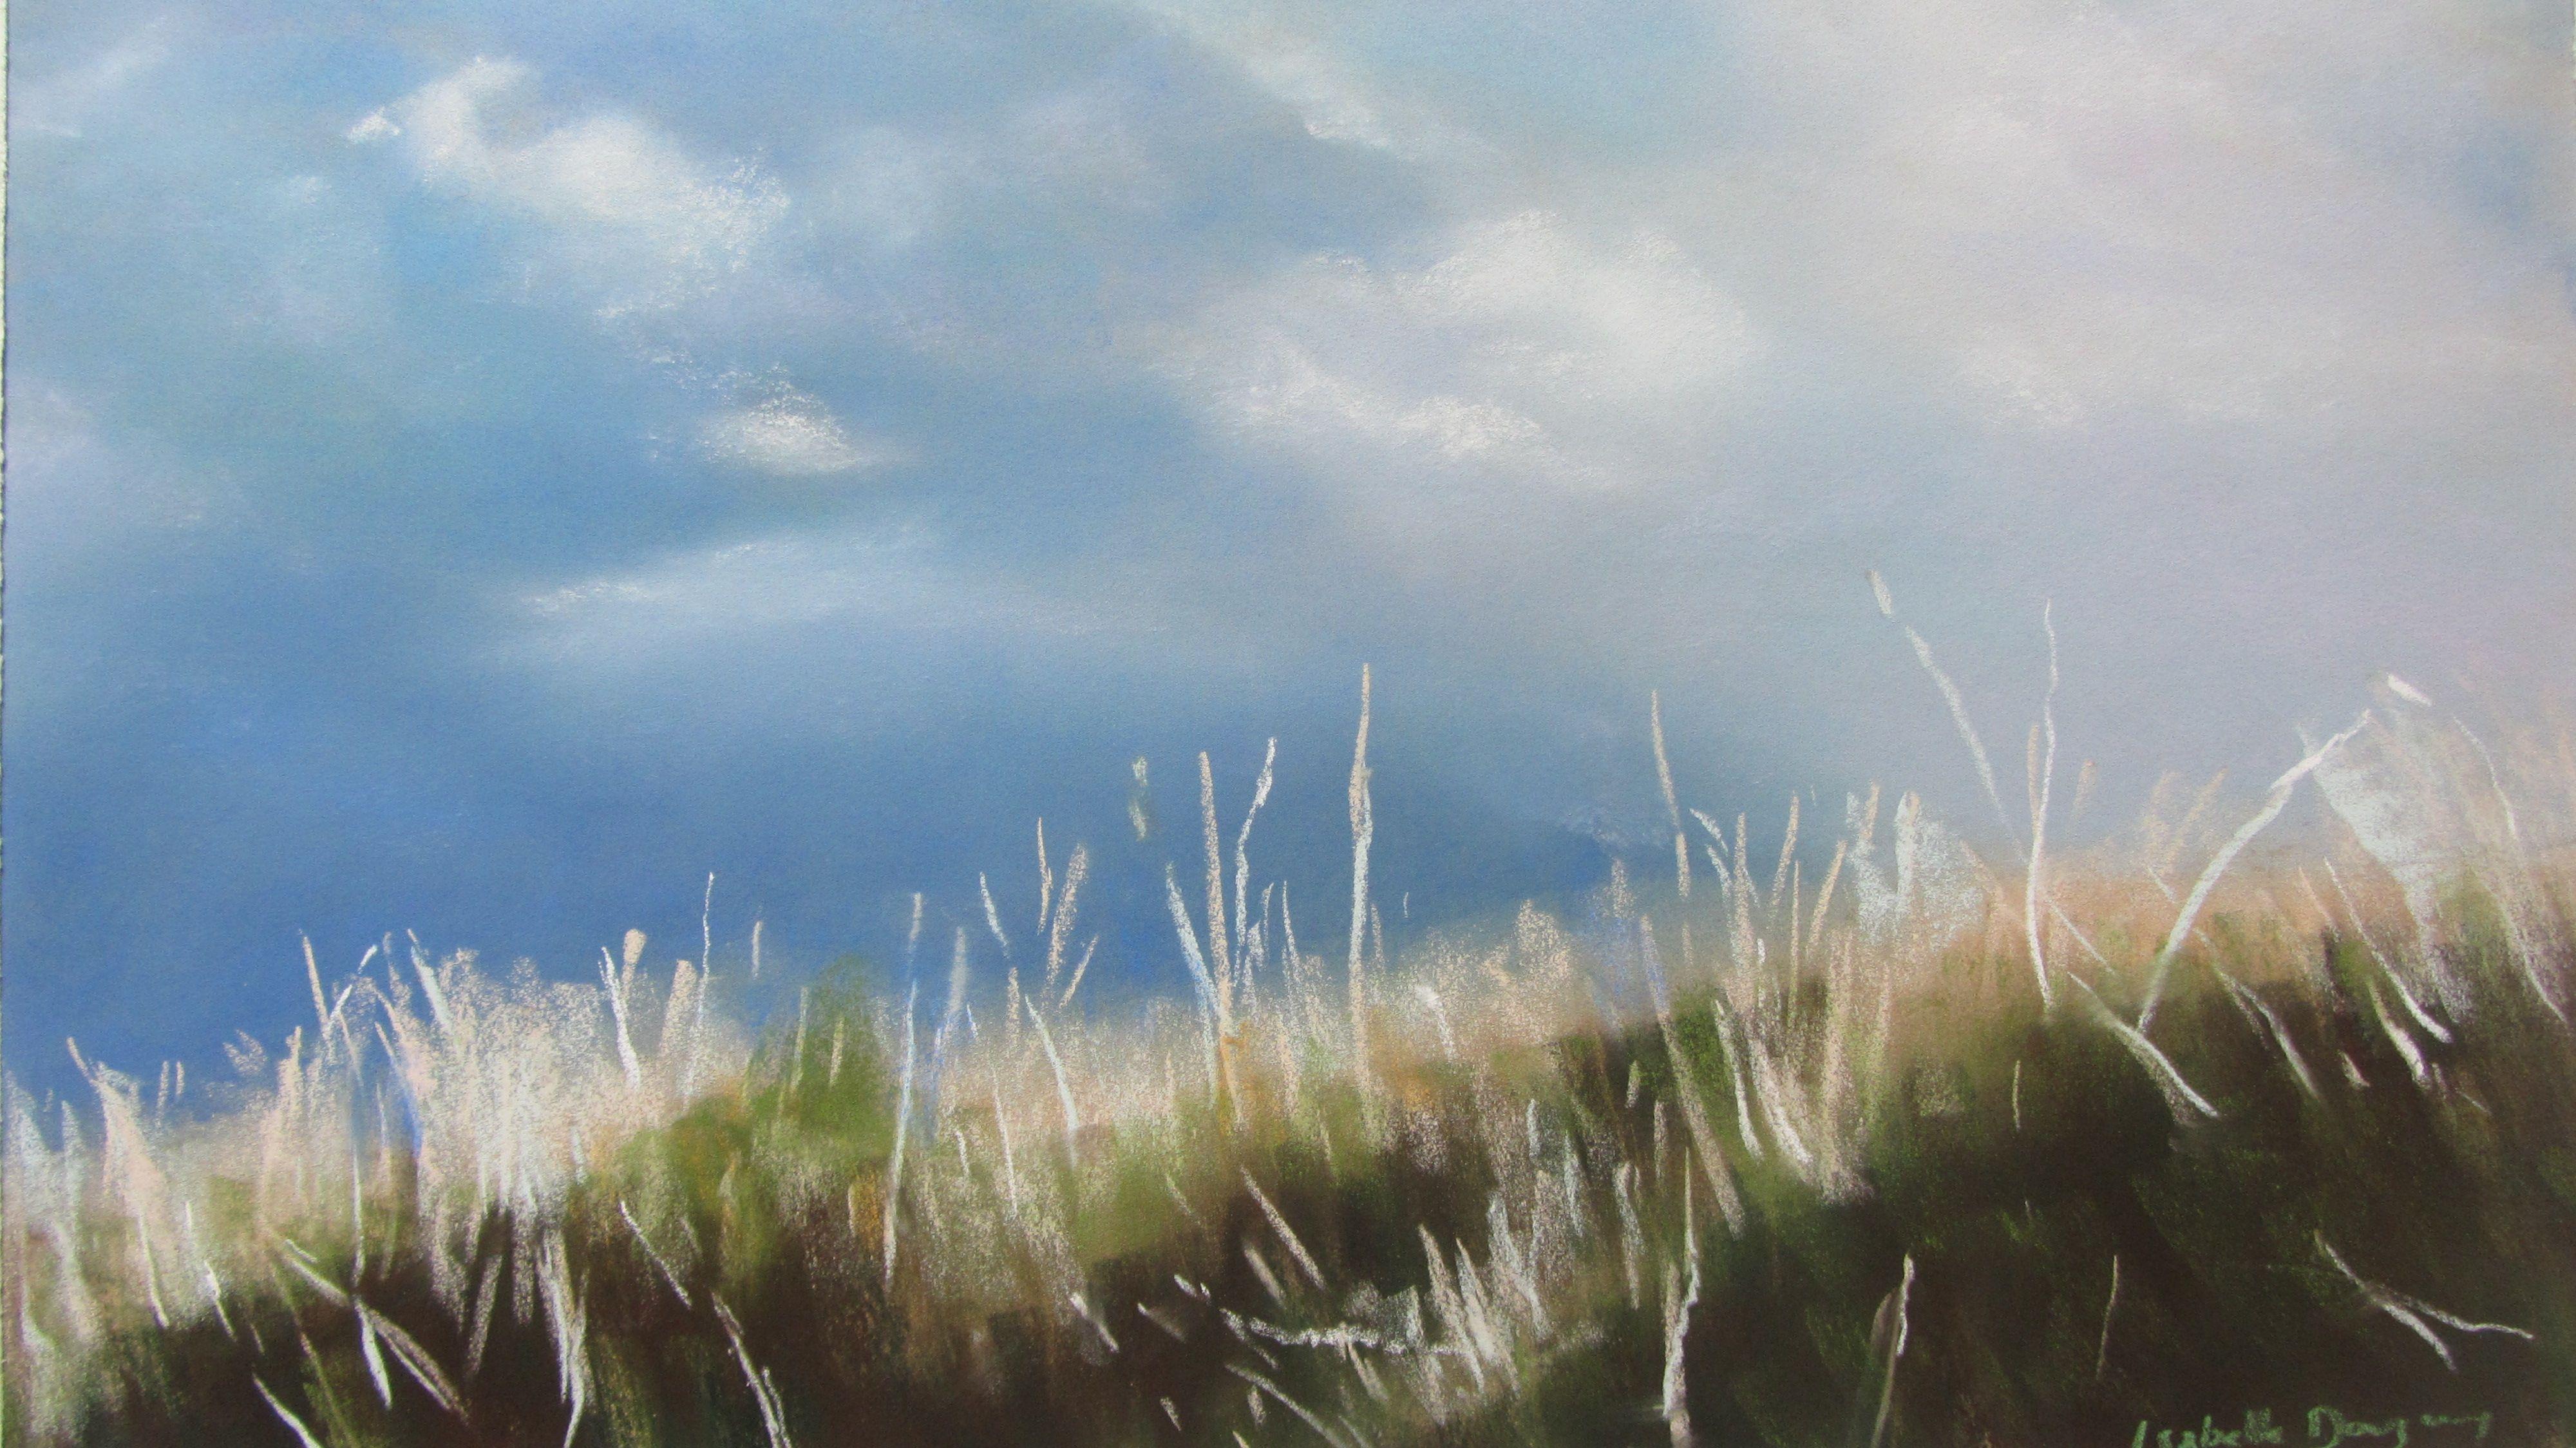 Dune plage des Mielles St Cast - Pastel sec par Isabelle Douzamy - 40x60cm